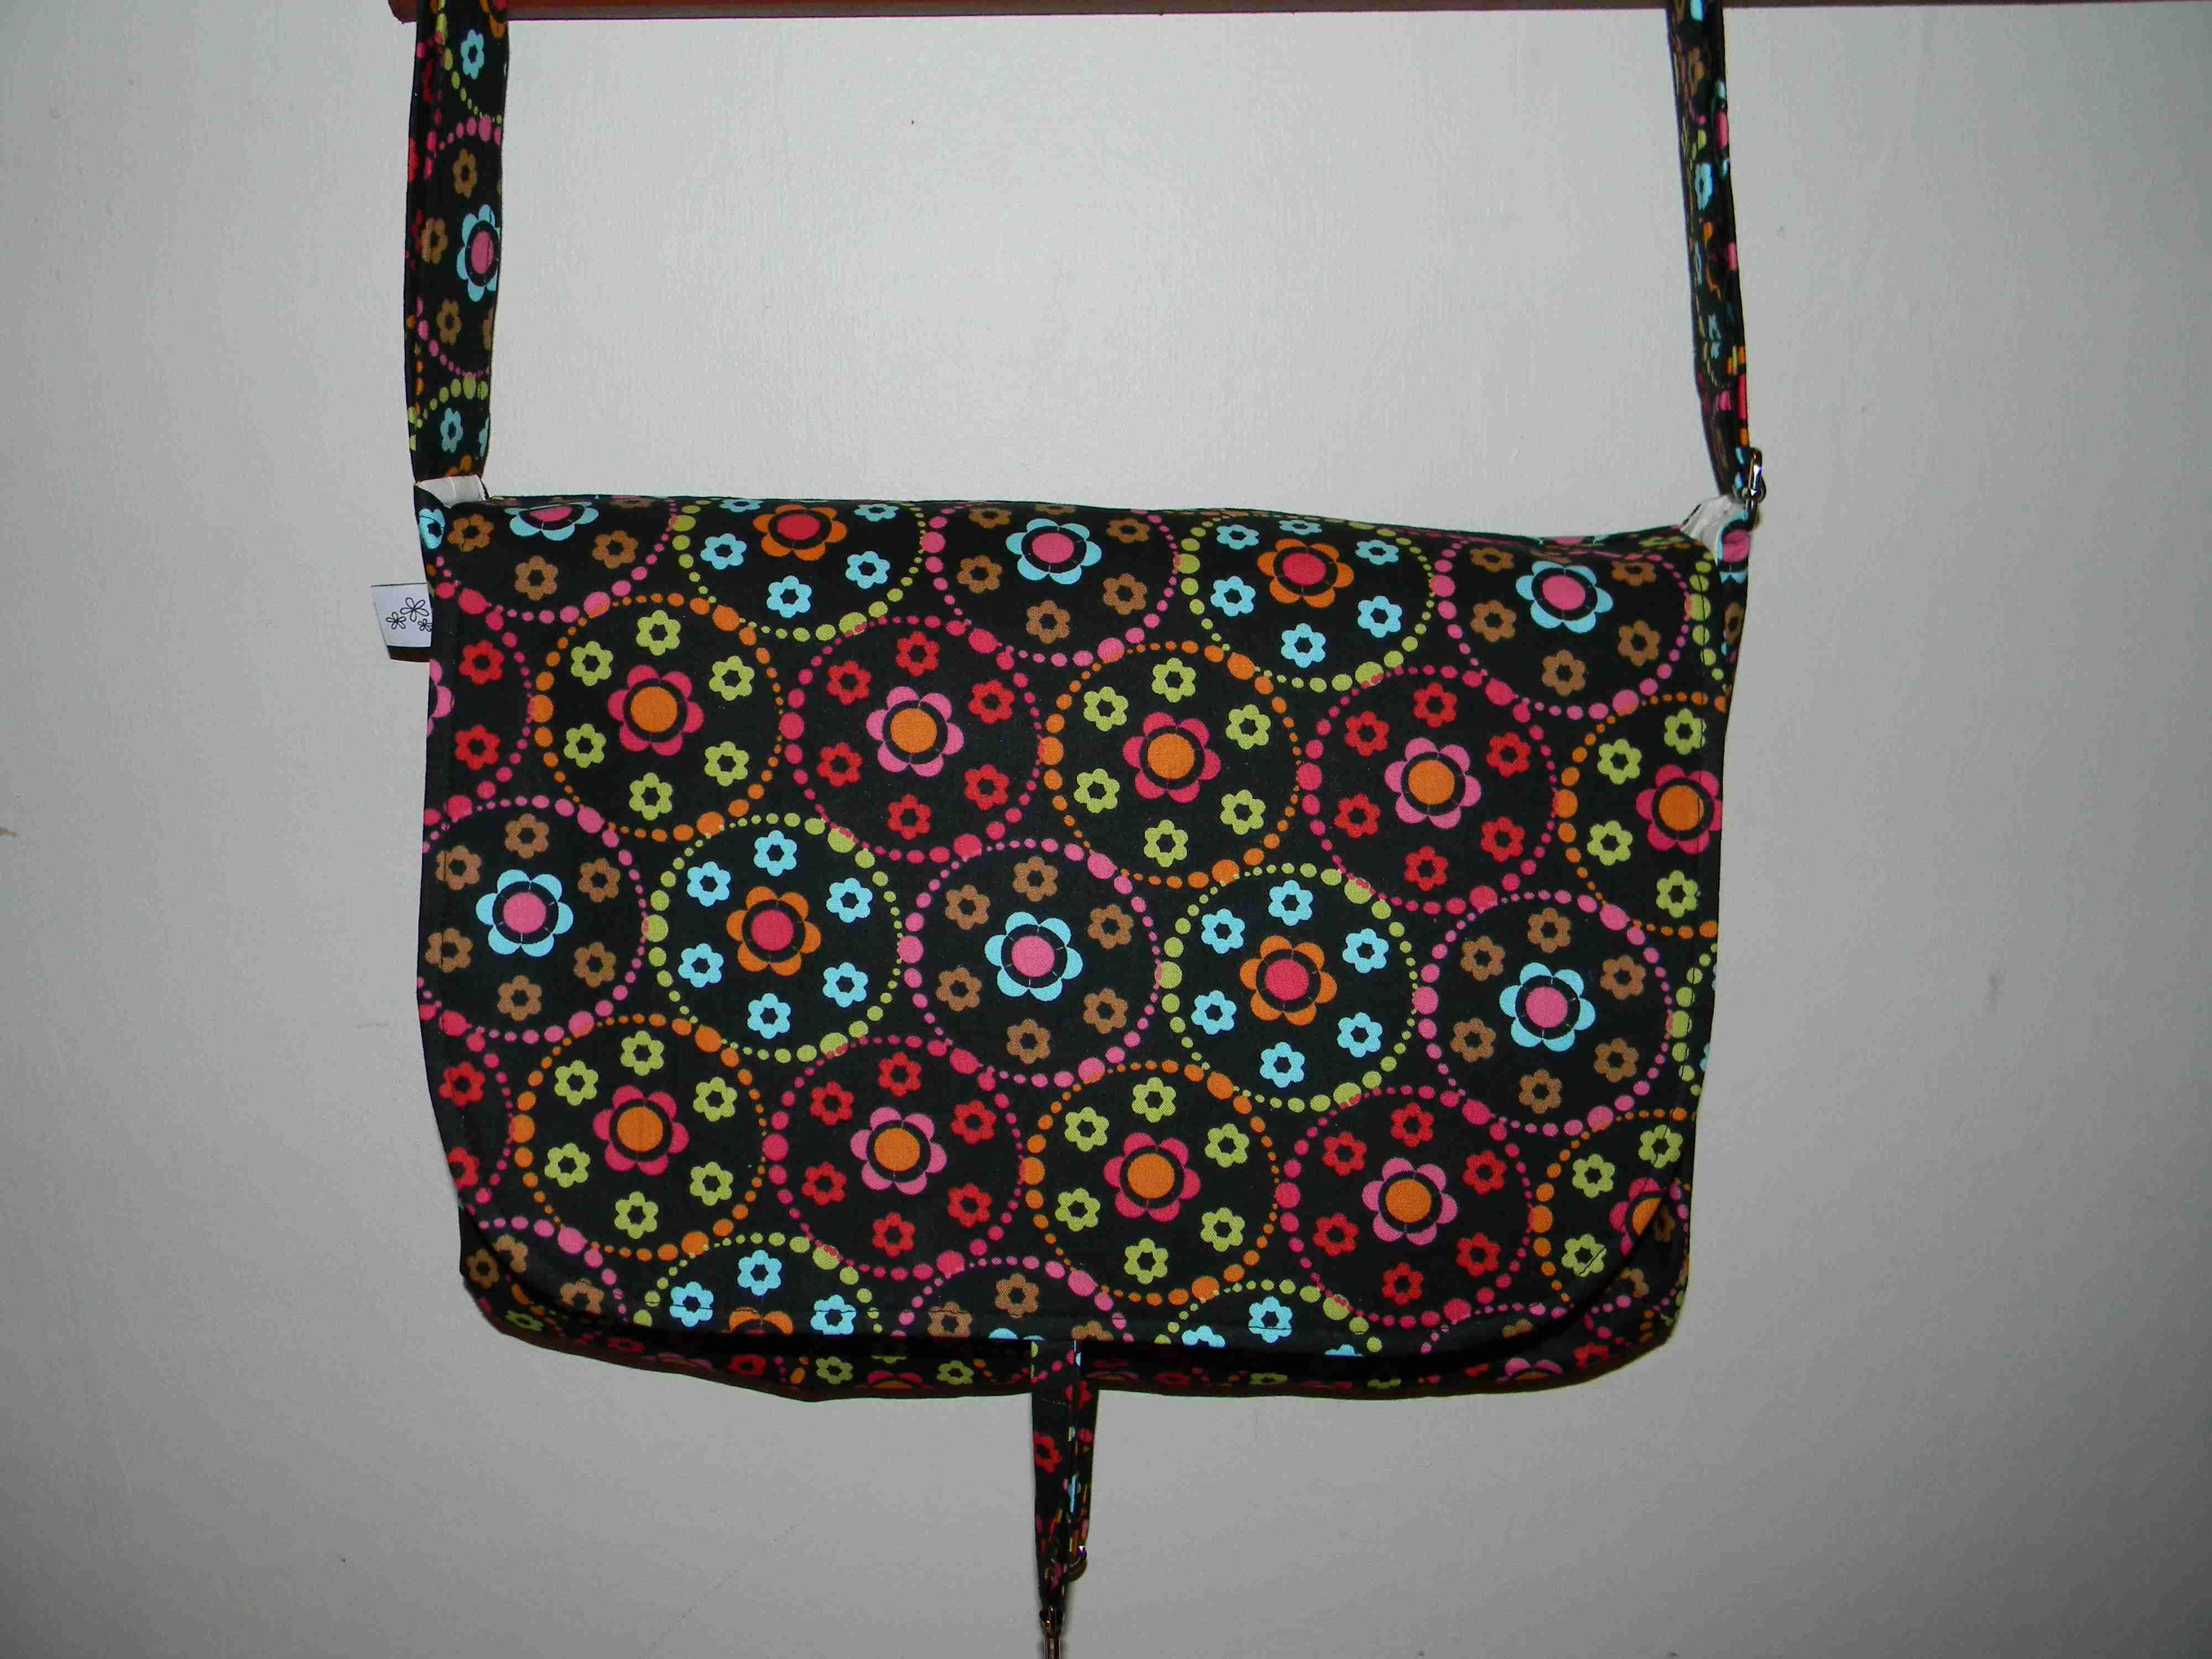 The Large Haley Messenger Bag